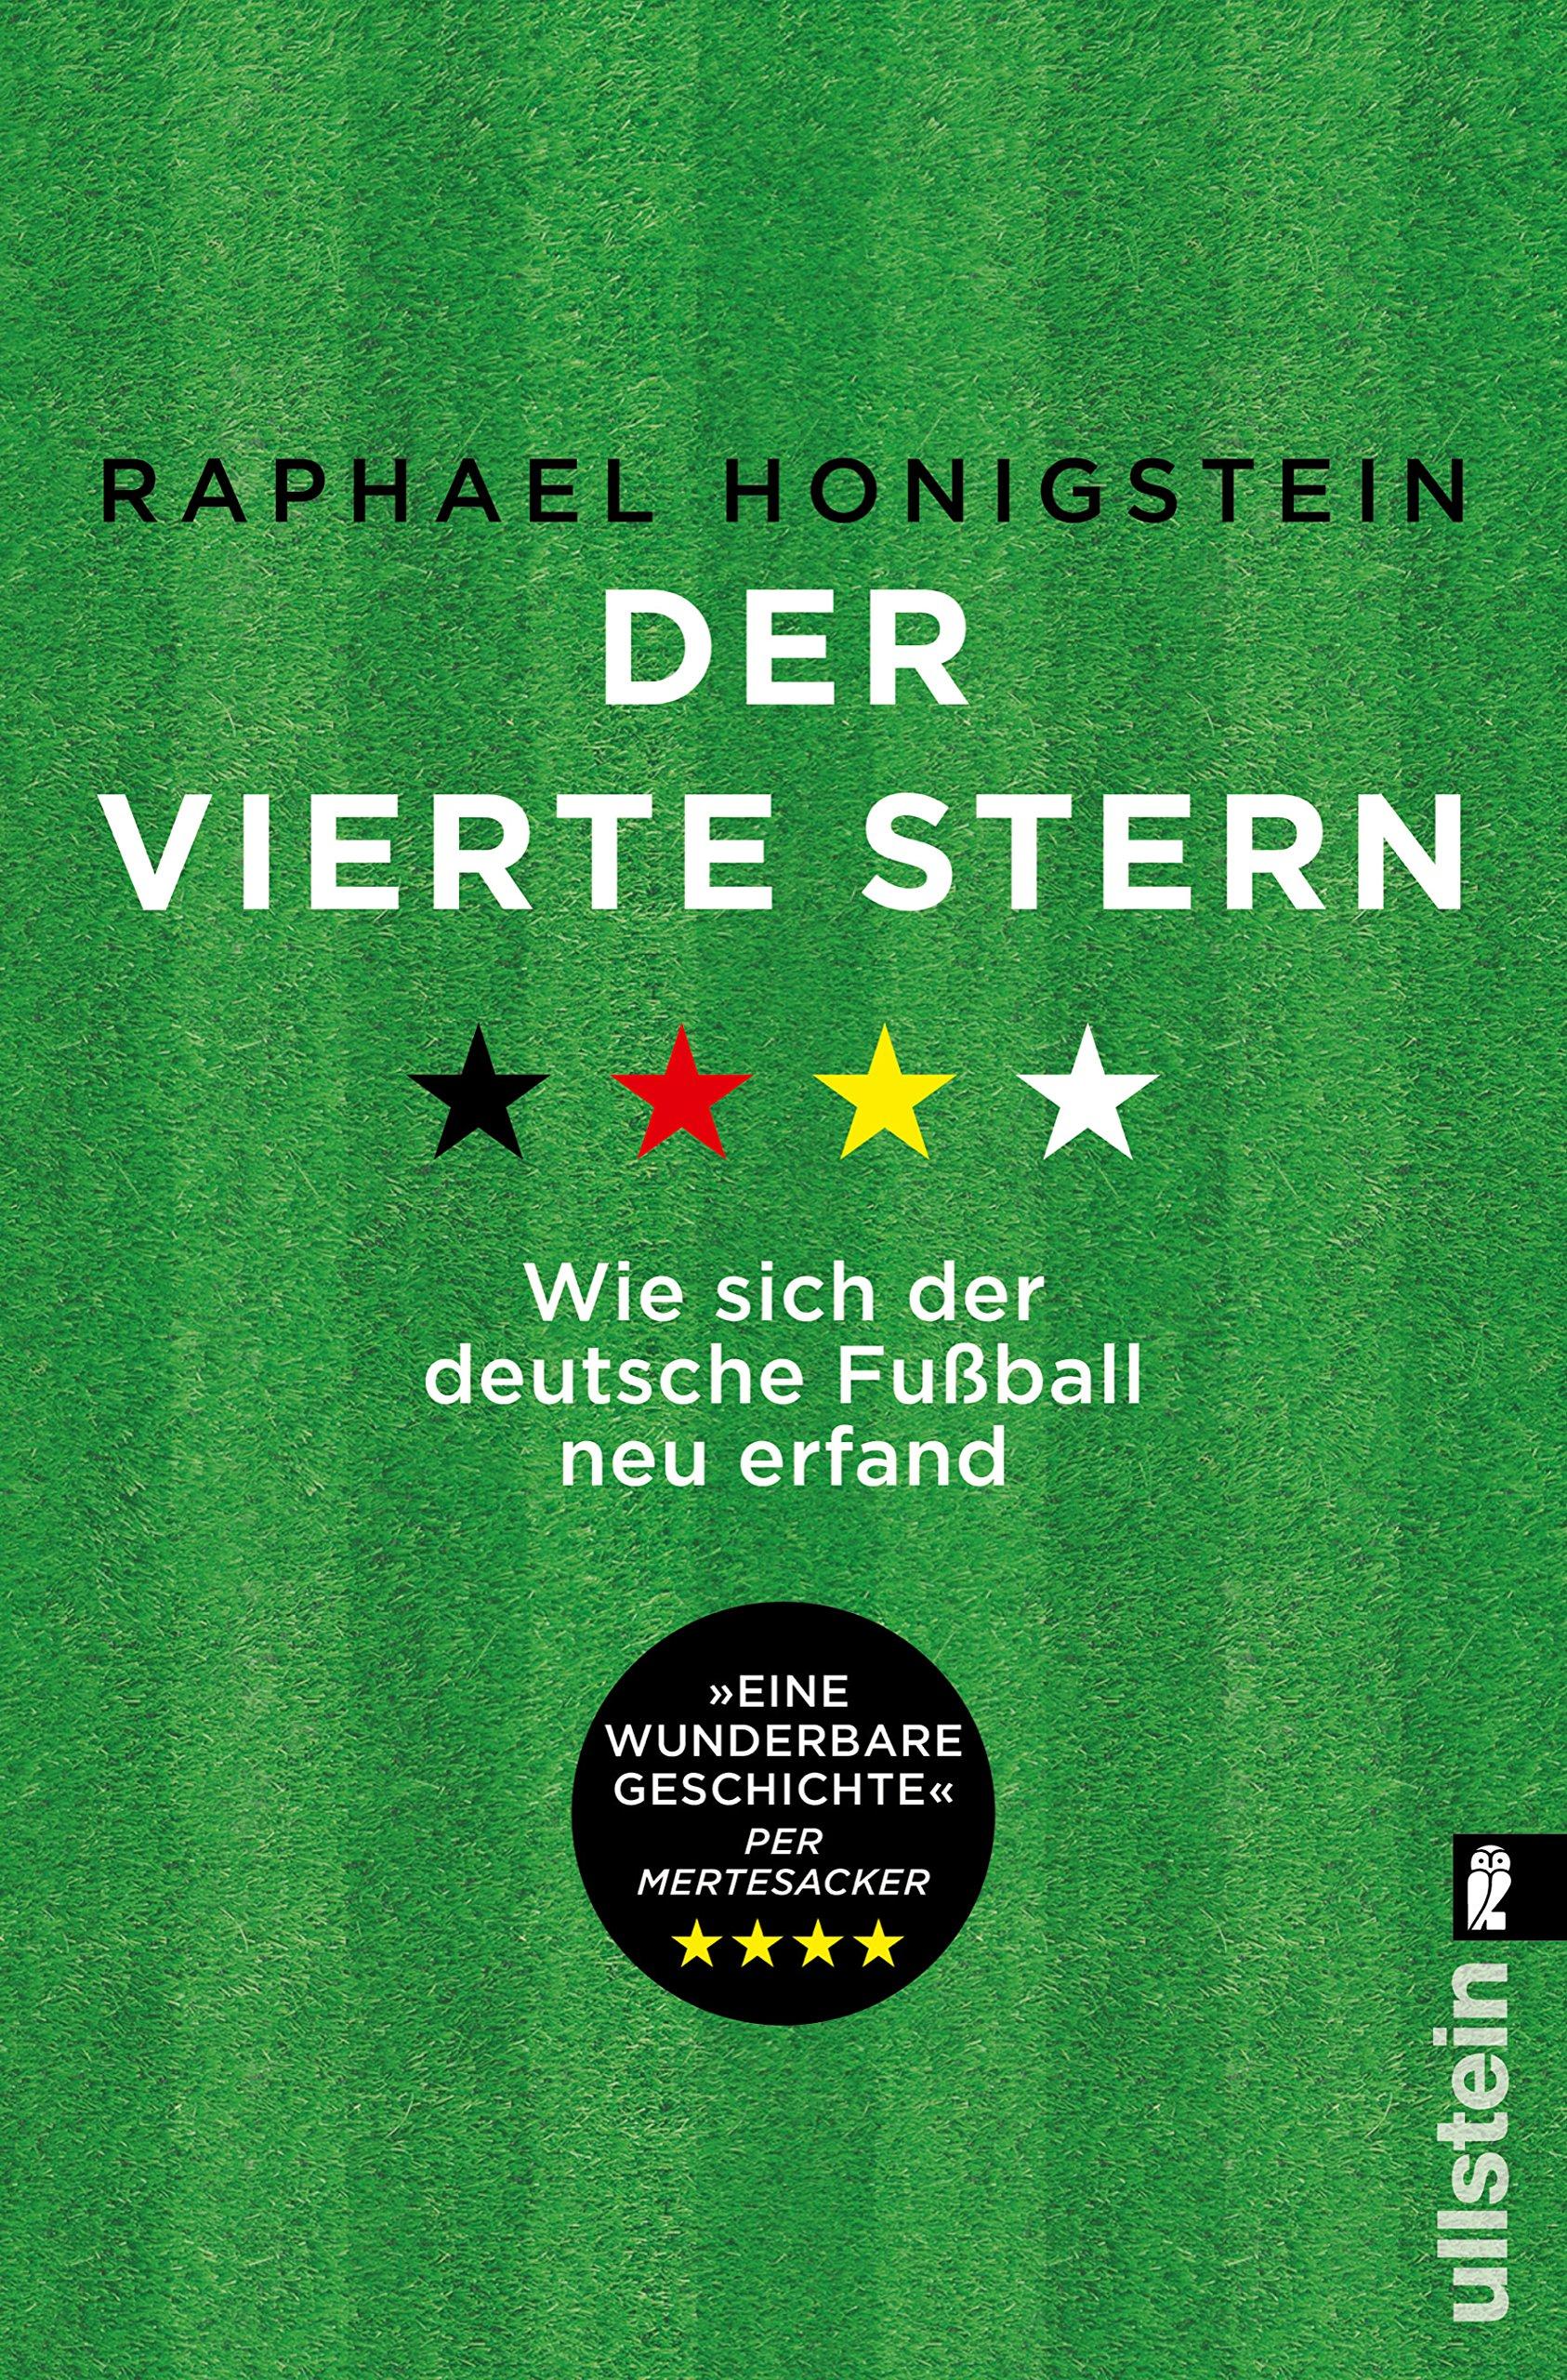 Der vierte Stern: Wie sich der deutsche Fußball neu erfand Taschenbuch – 15. April 2016 Raphael Honigstein Ronald Reng Ullstein Taschenbuch 3548376525